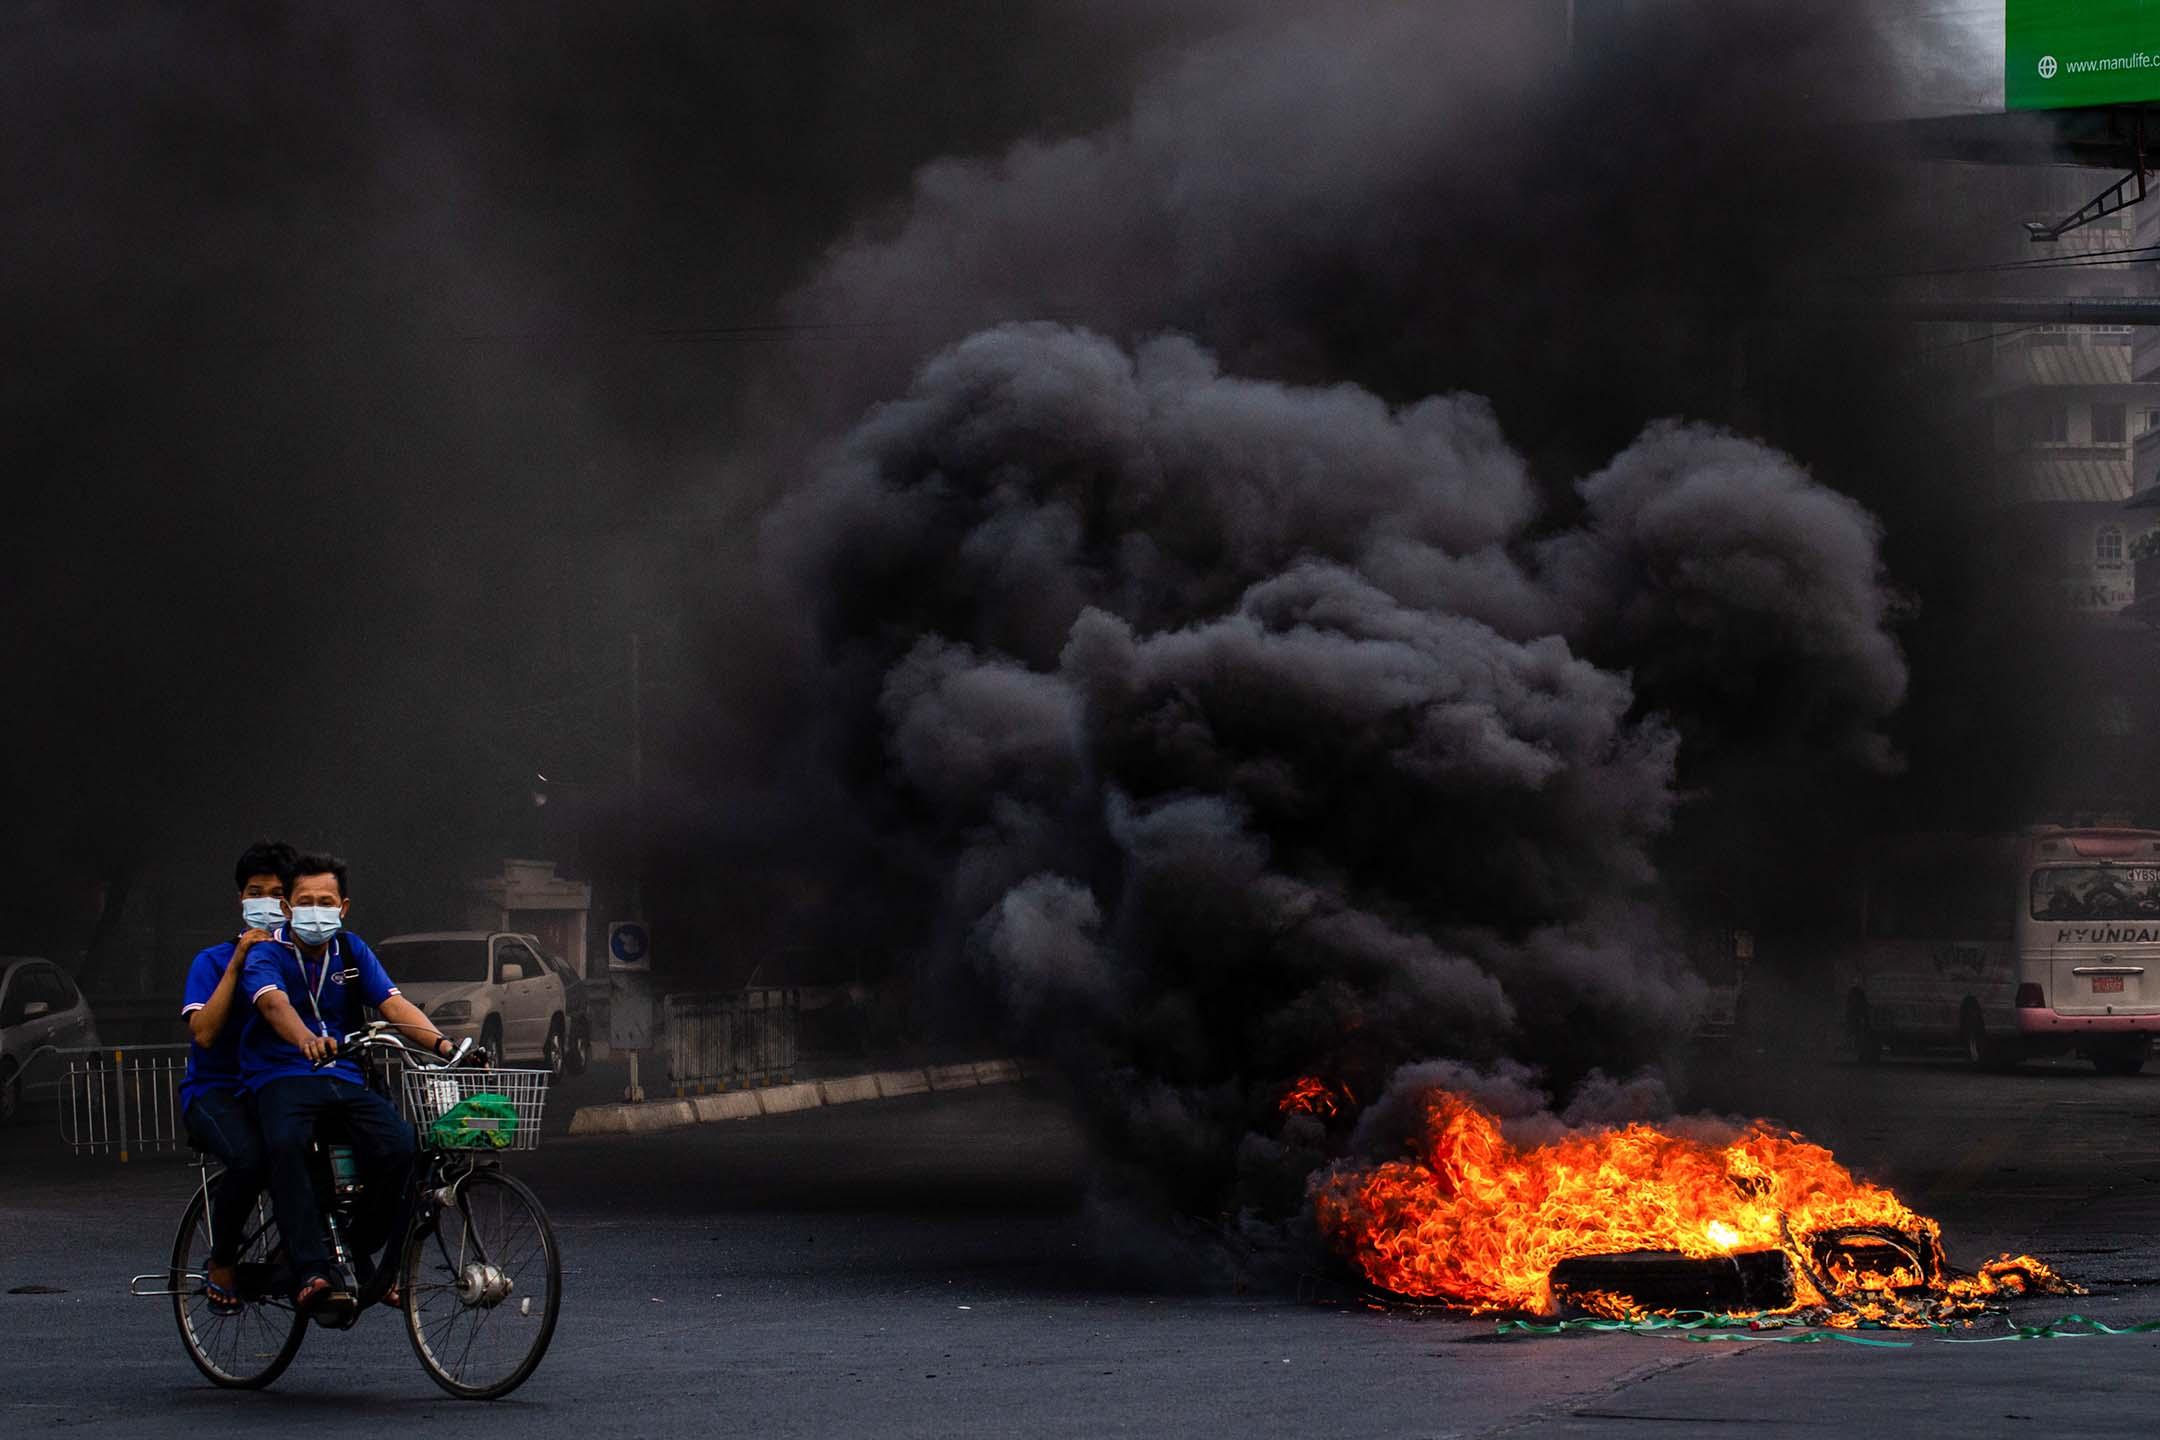 2021年4月3日仰光,示威者焚燒輪胎的煙。